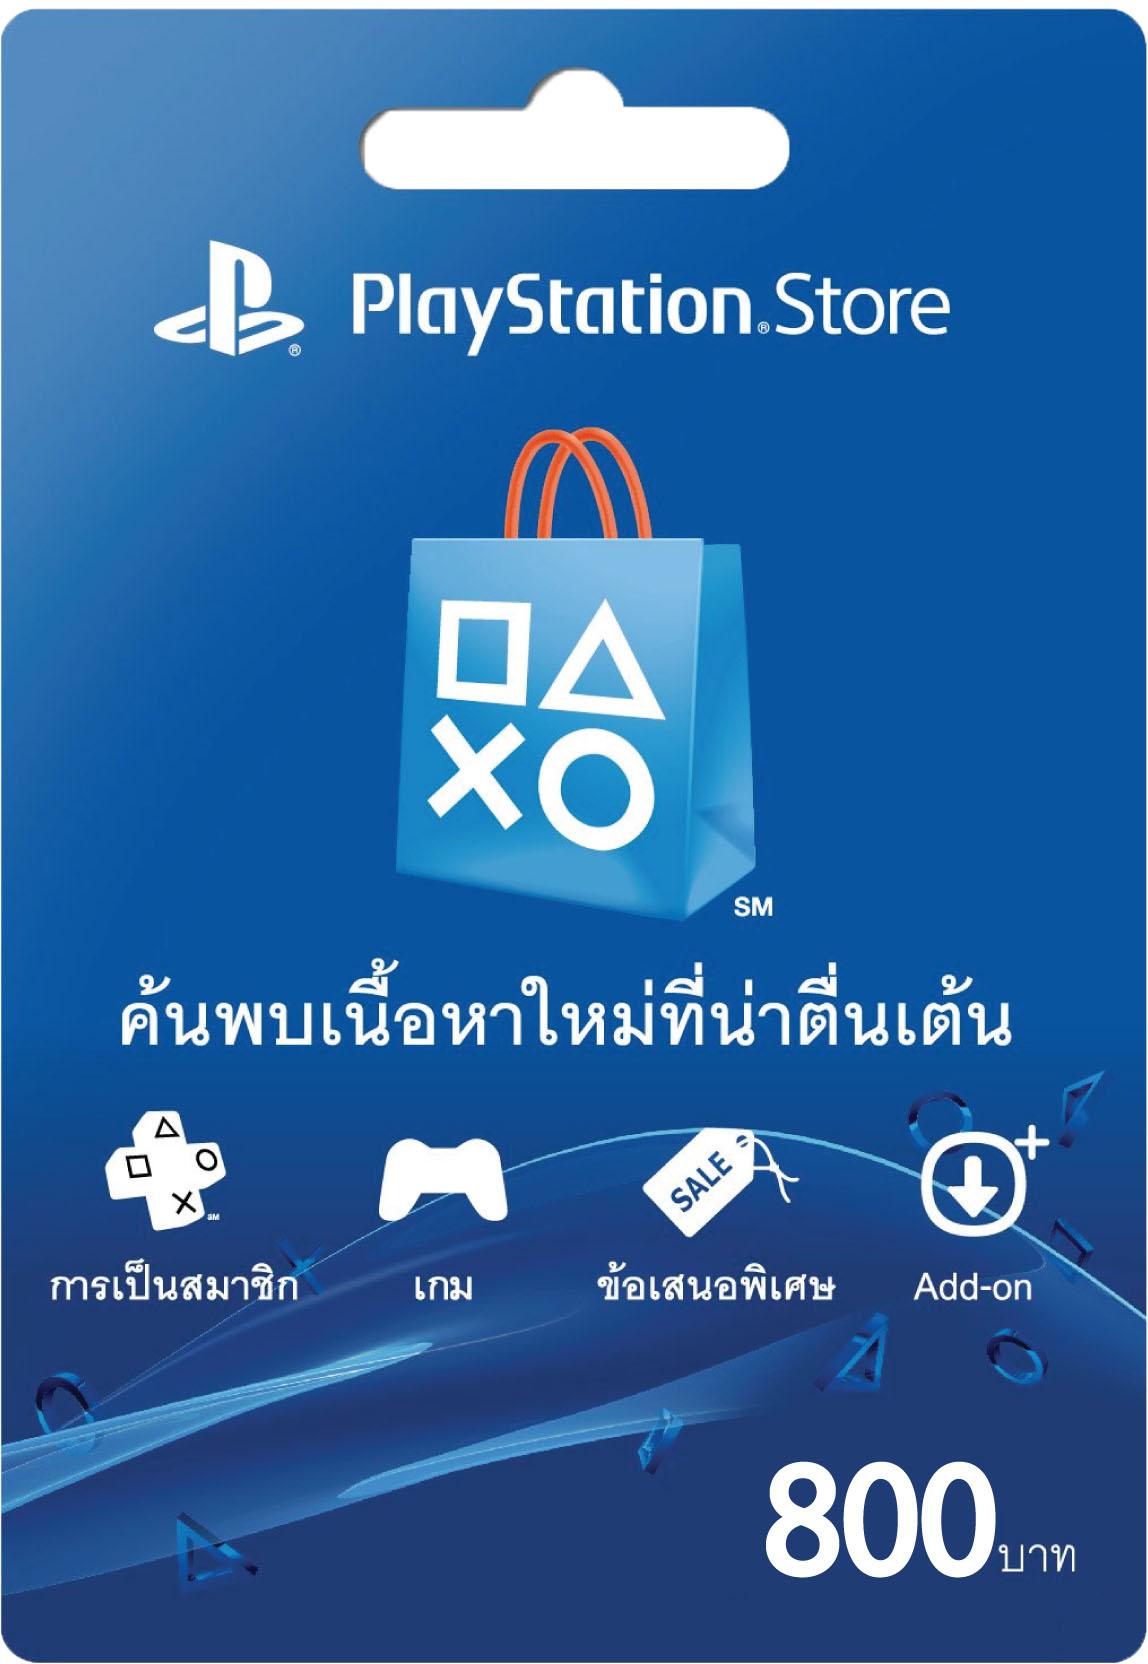 บัตร PSN 800 THB